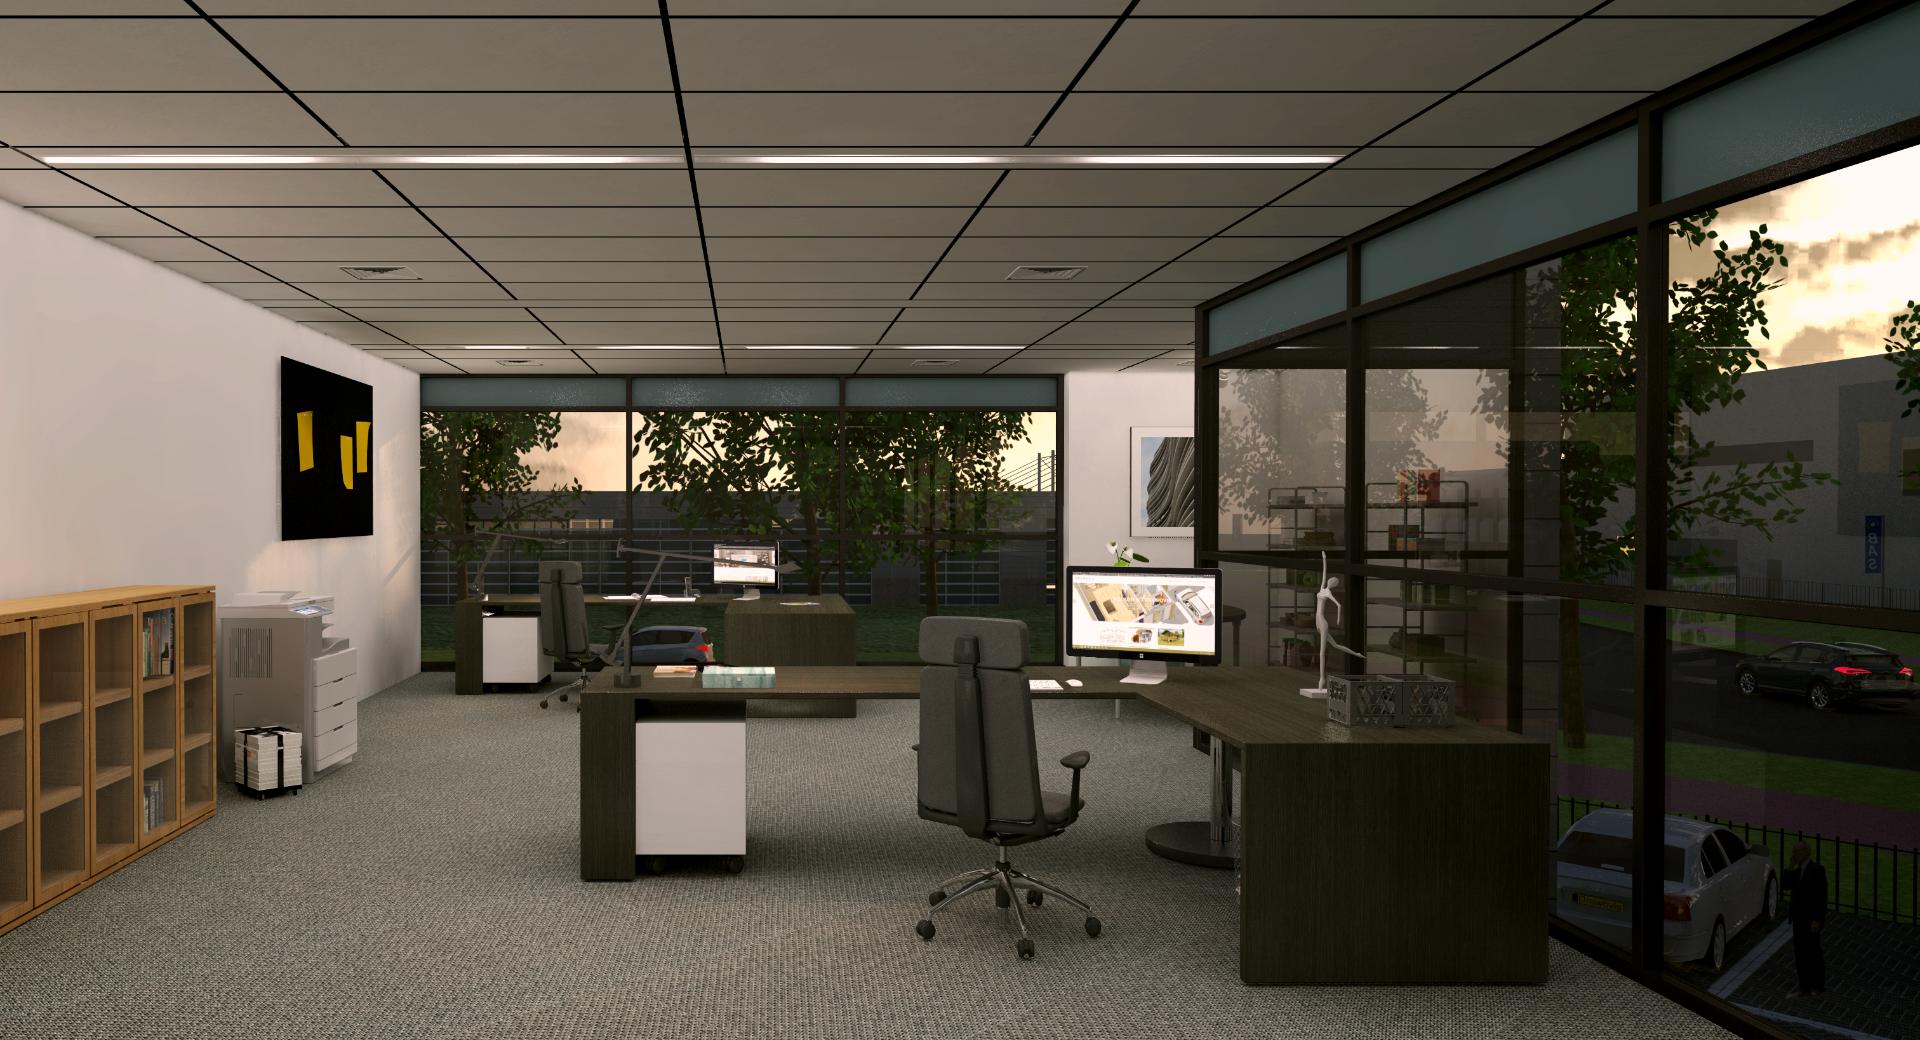 Interieur-office-v8-default-2-HDR.png